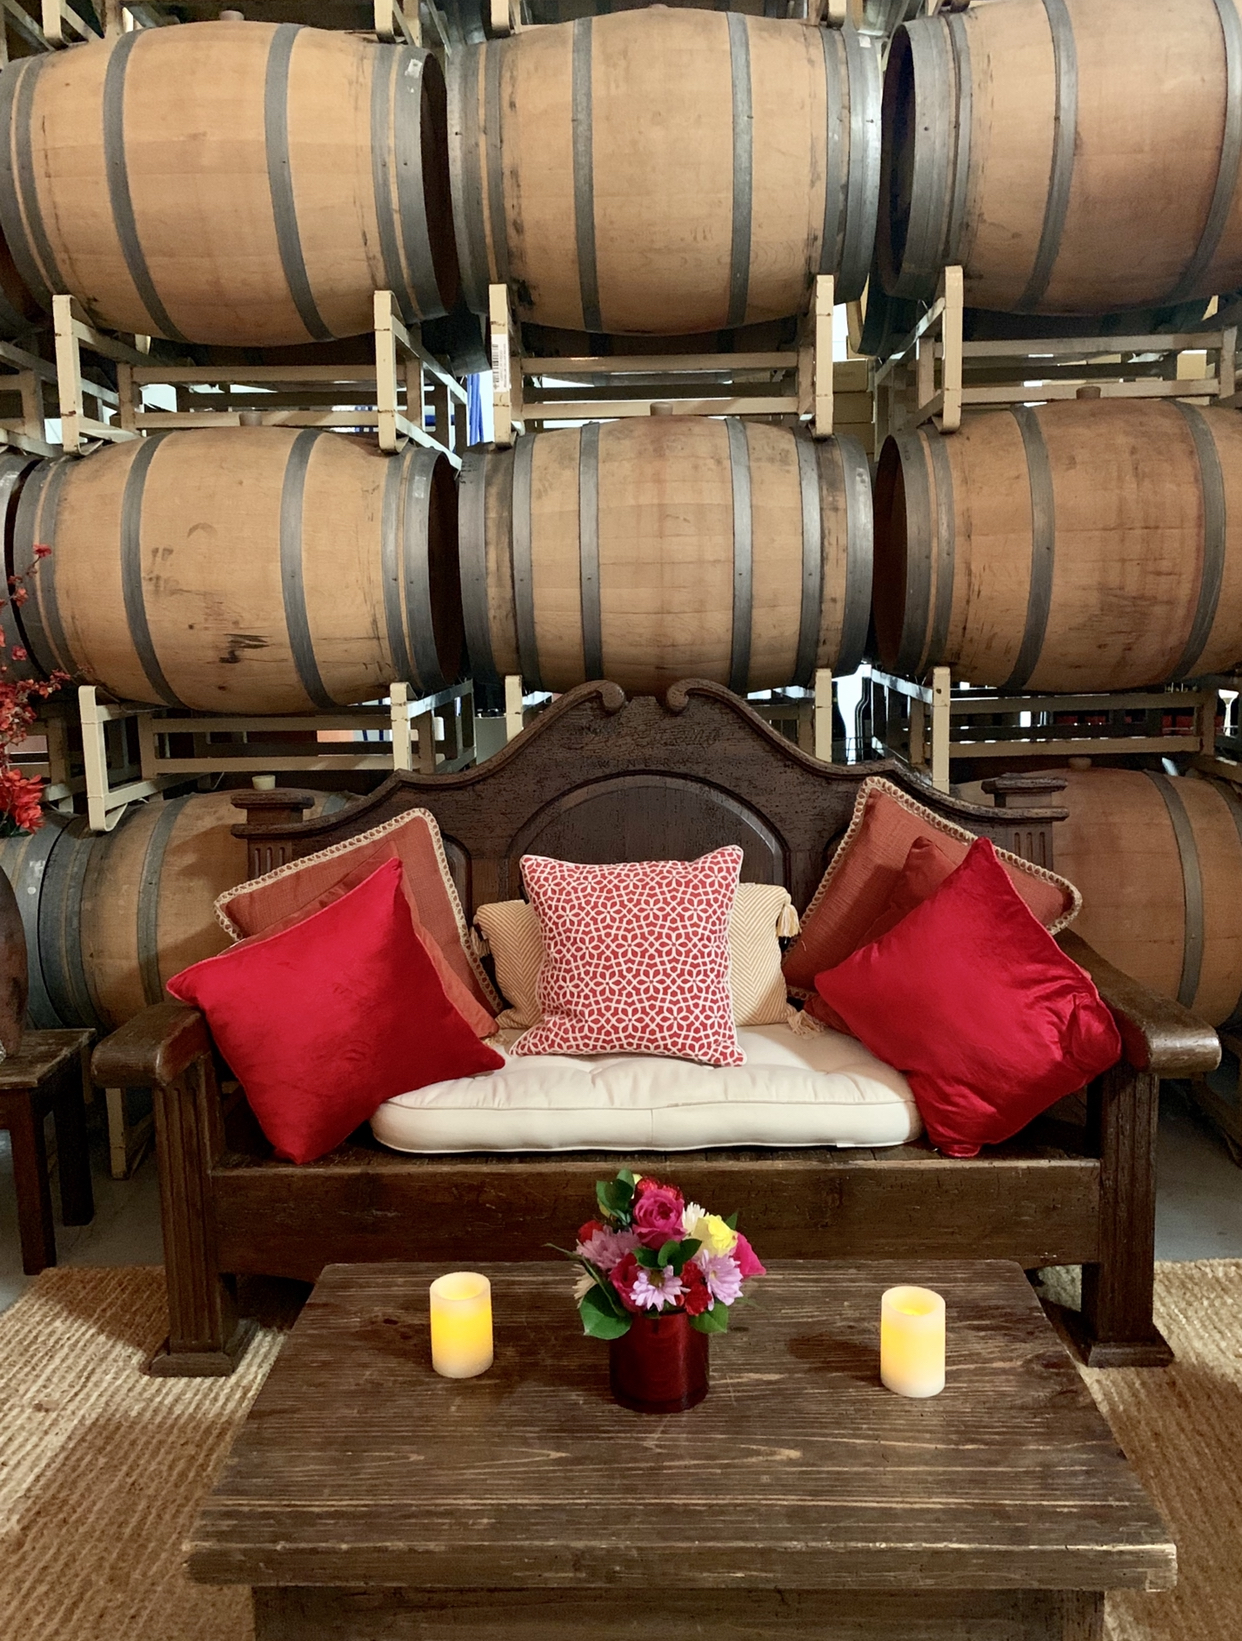 Tastings are conducted in Mi Sueño's barrel room.